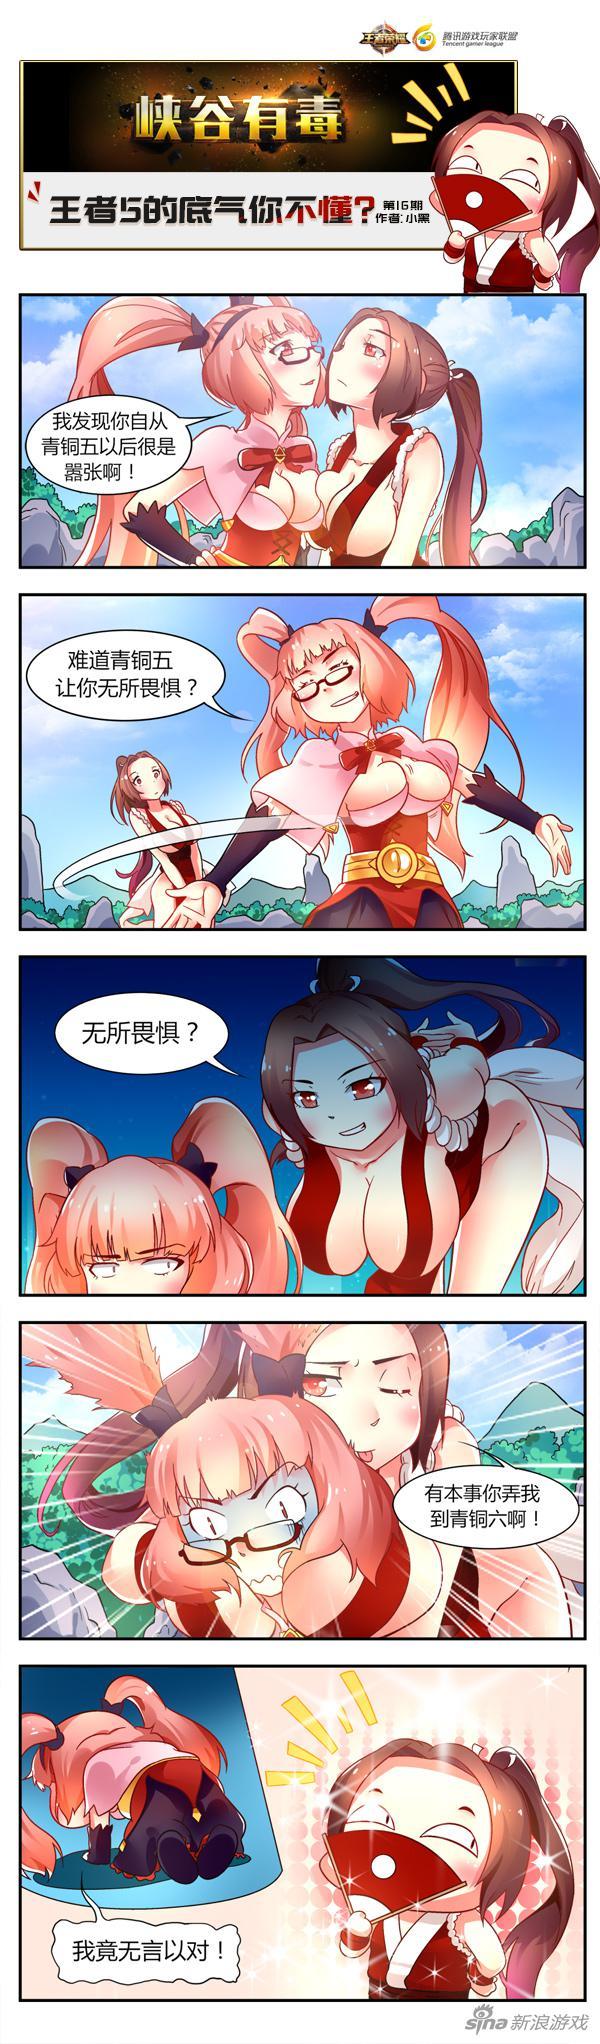 王者荣耀爆笑四格漫画 王者5的底气你不懂?